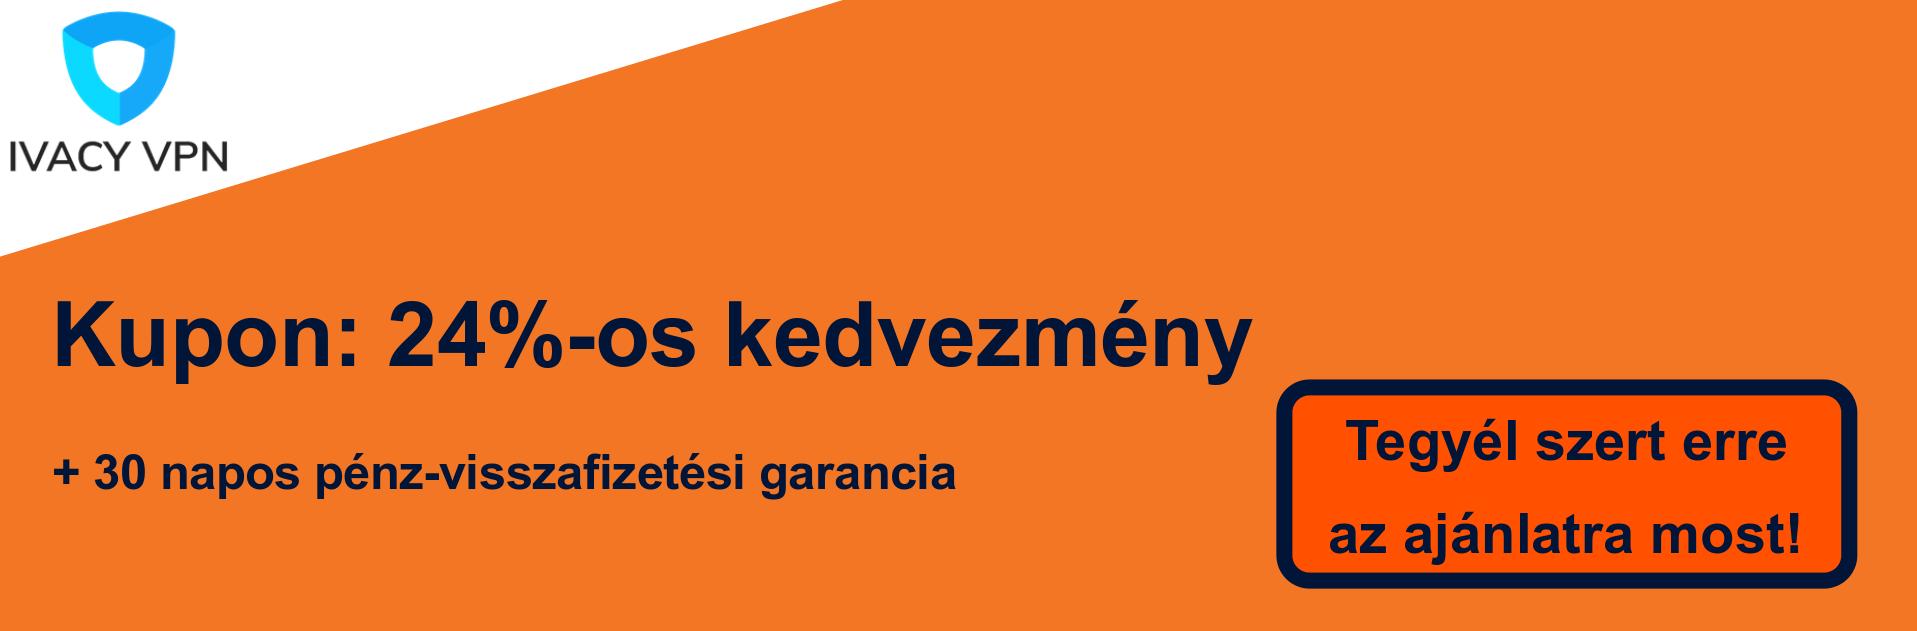 Ivacy VPN szelvény banner - 24% kedvezmény